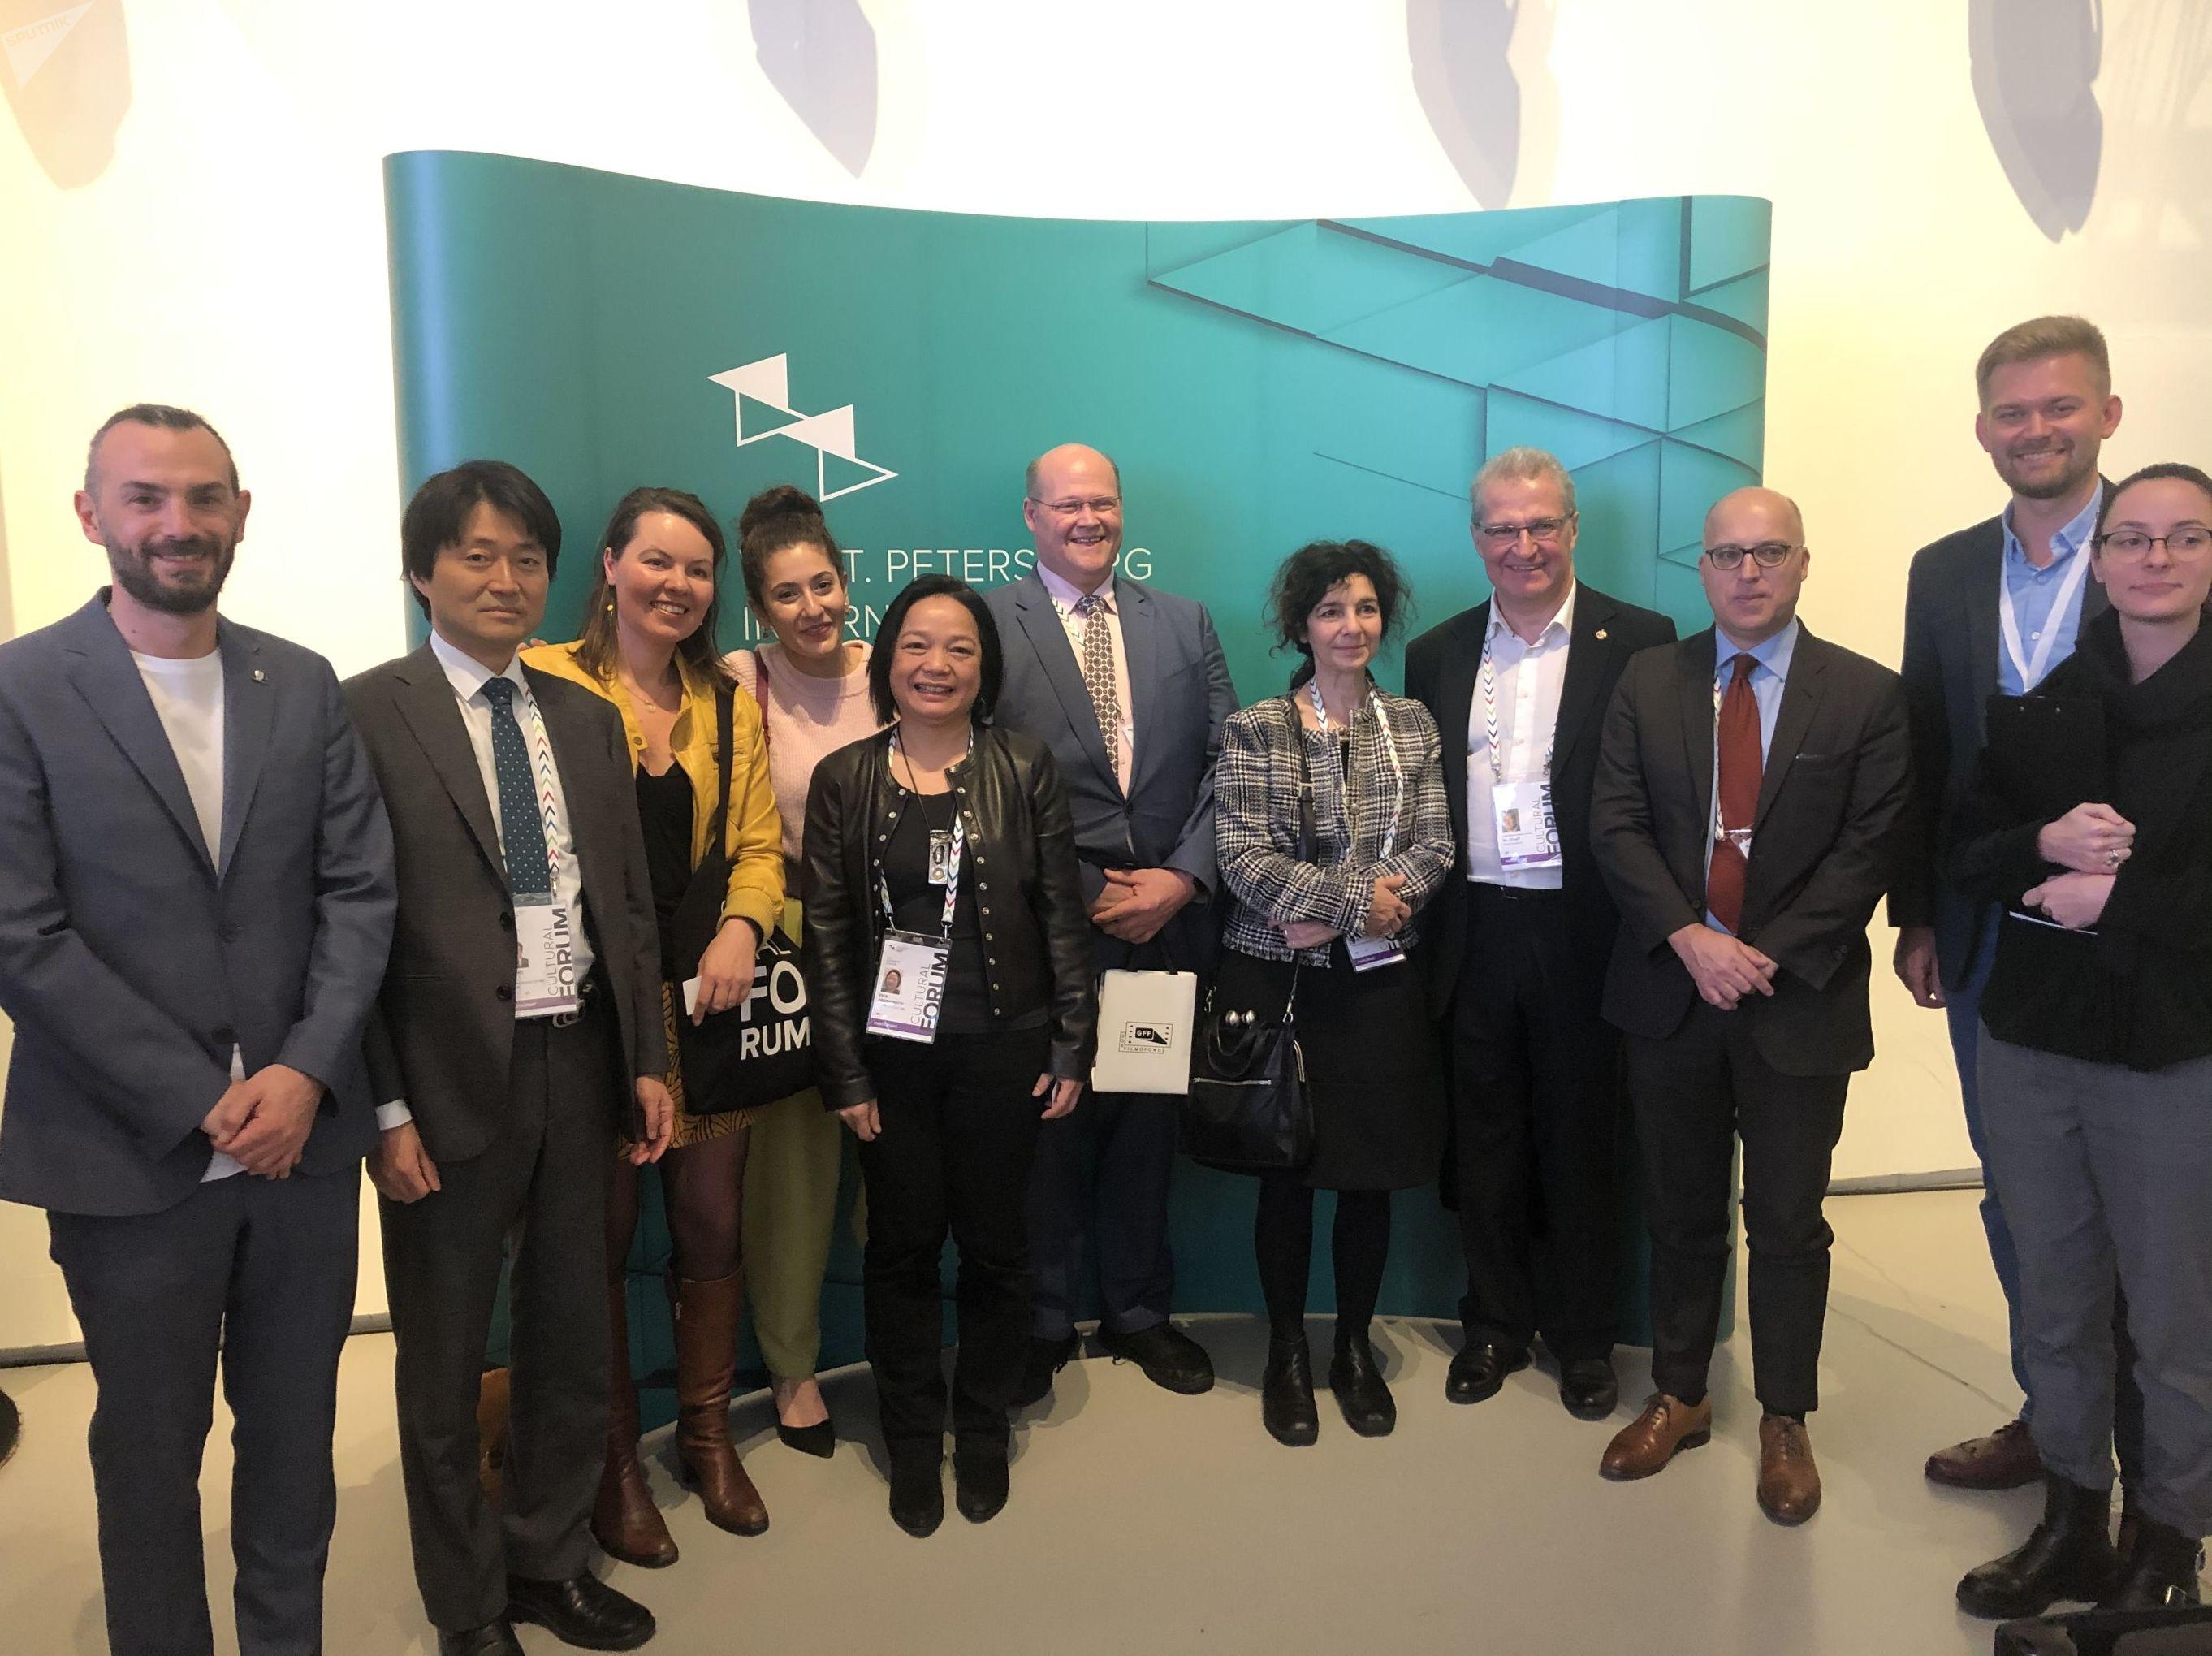 Laurent Dandrieu et d'autres participants à la 8e édition du Forum international culturel de Saint-Pétersbourg